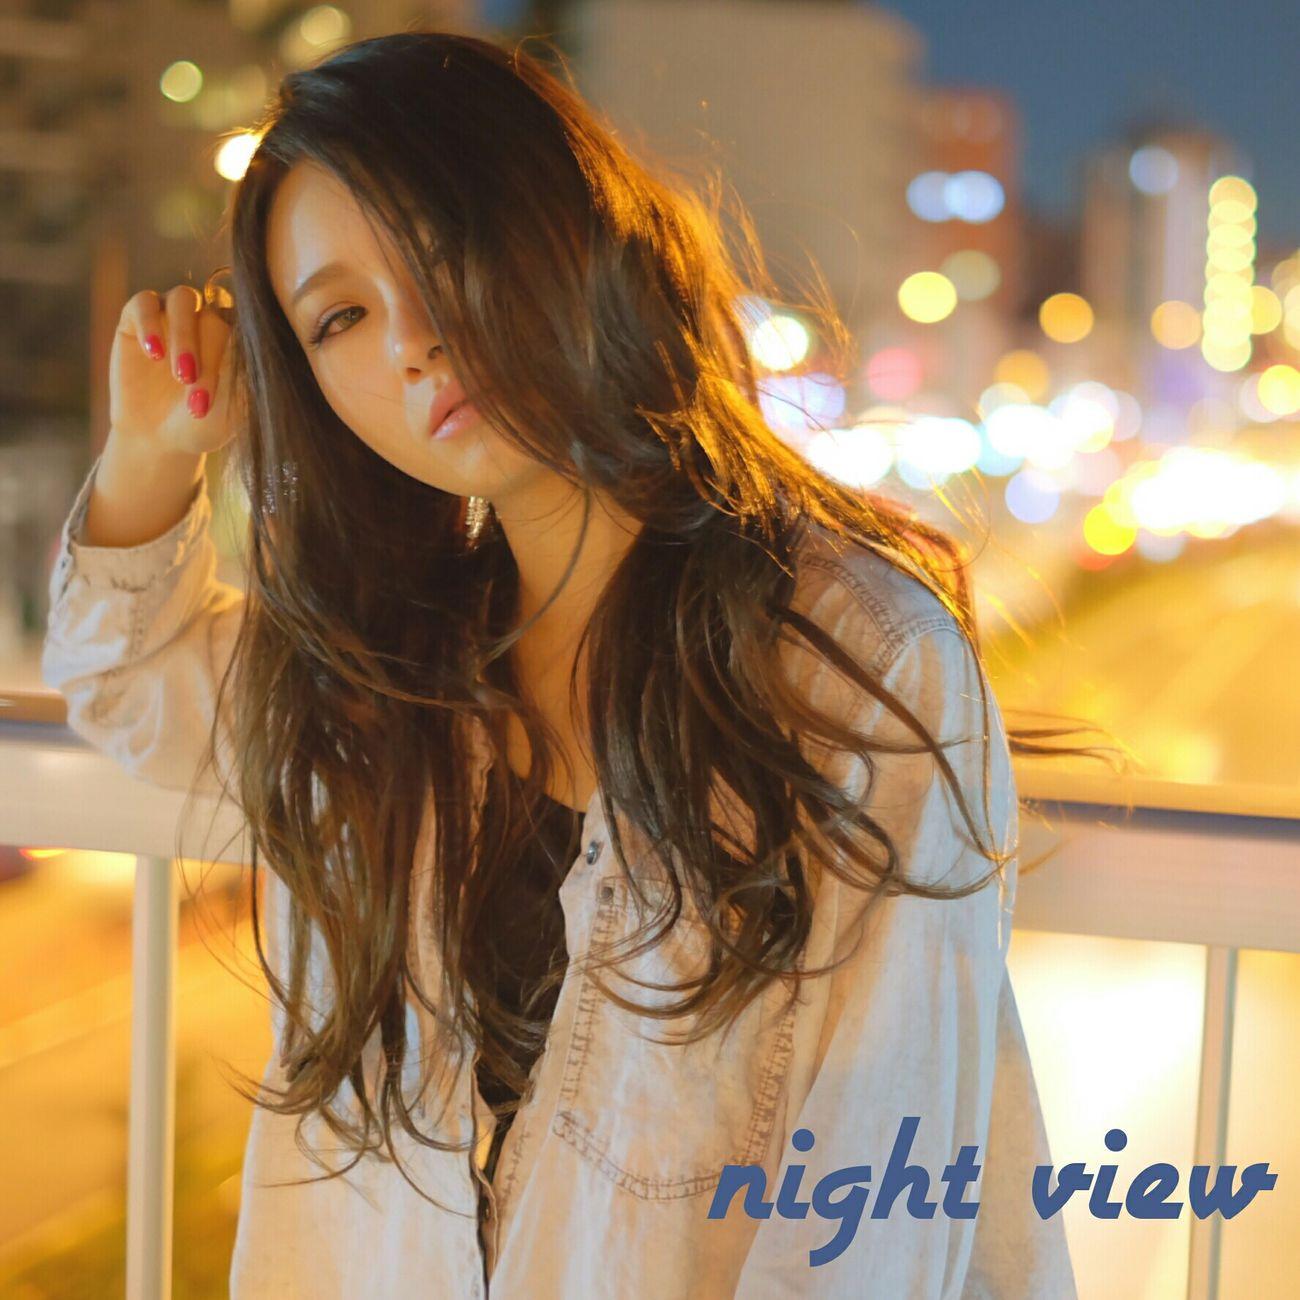 夜景 Nightview ロング Longhair ポートレート 被写体